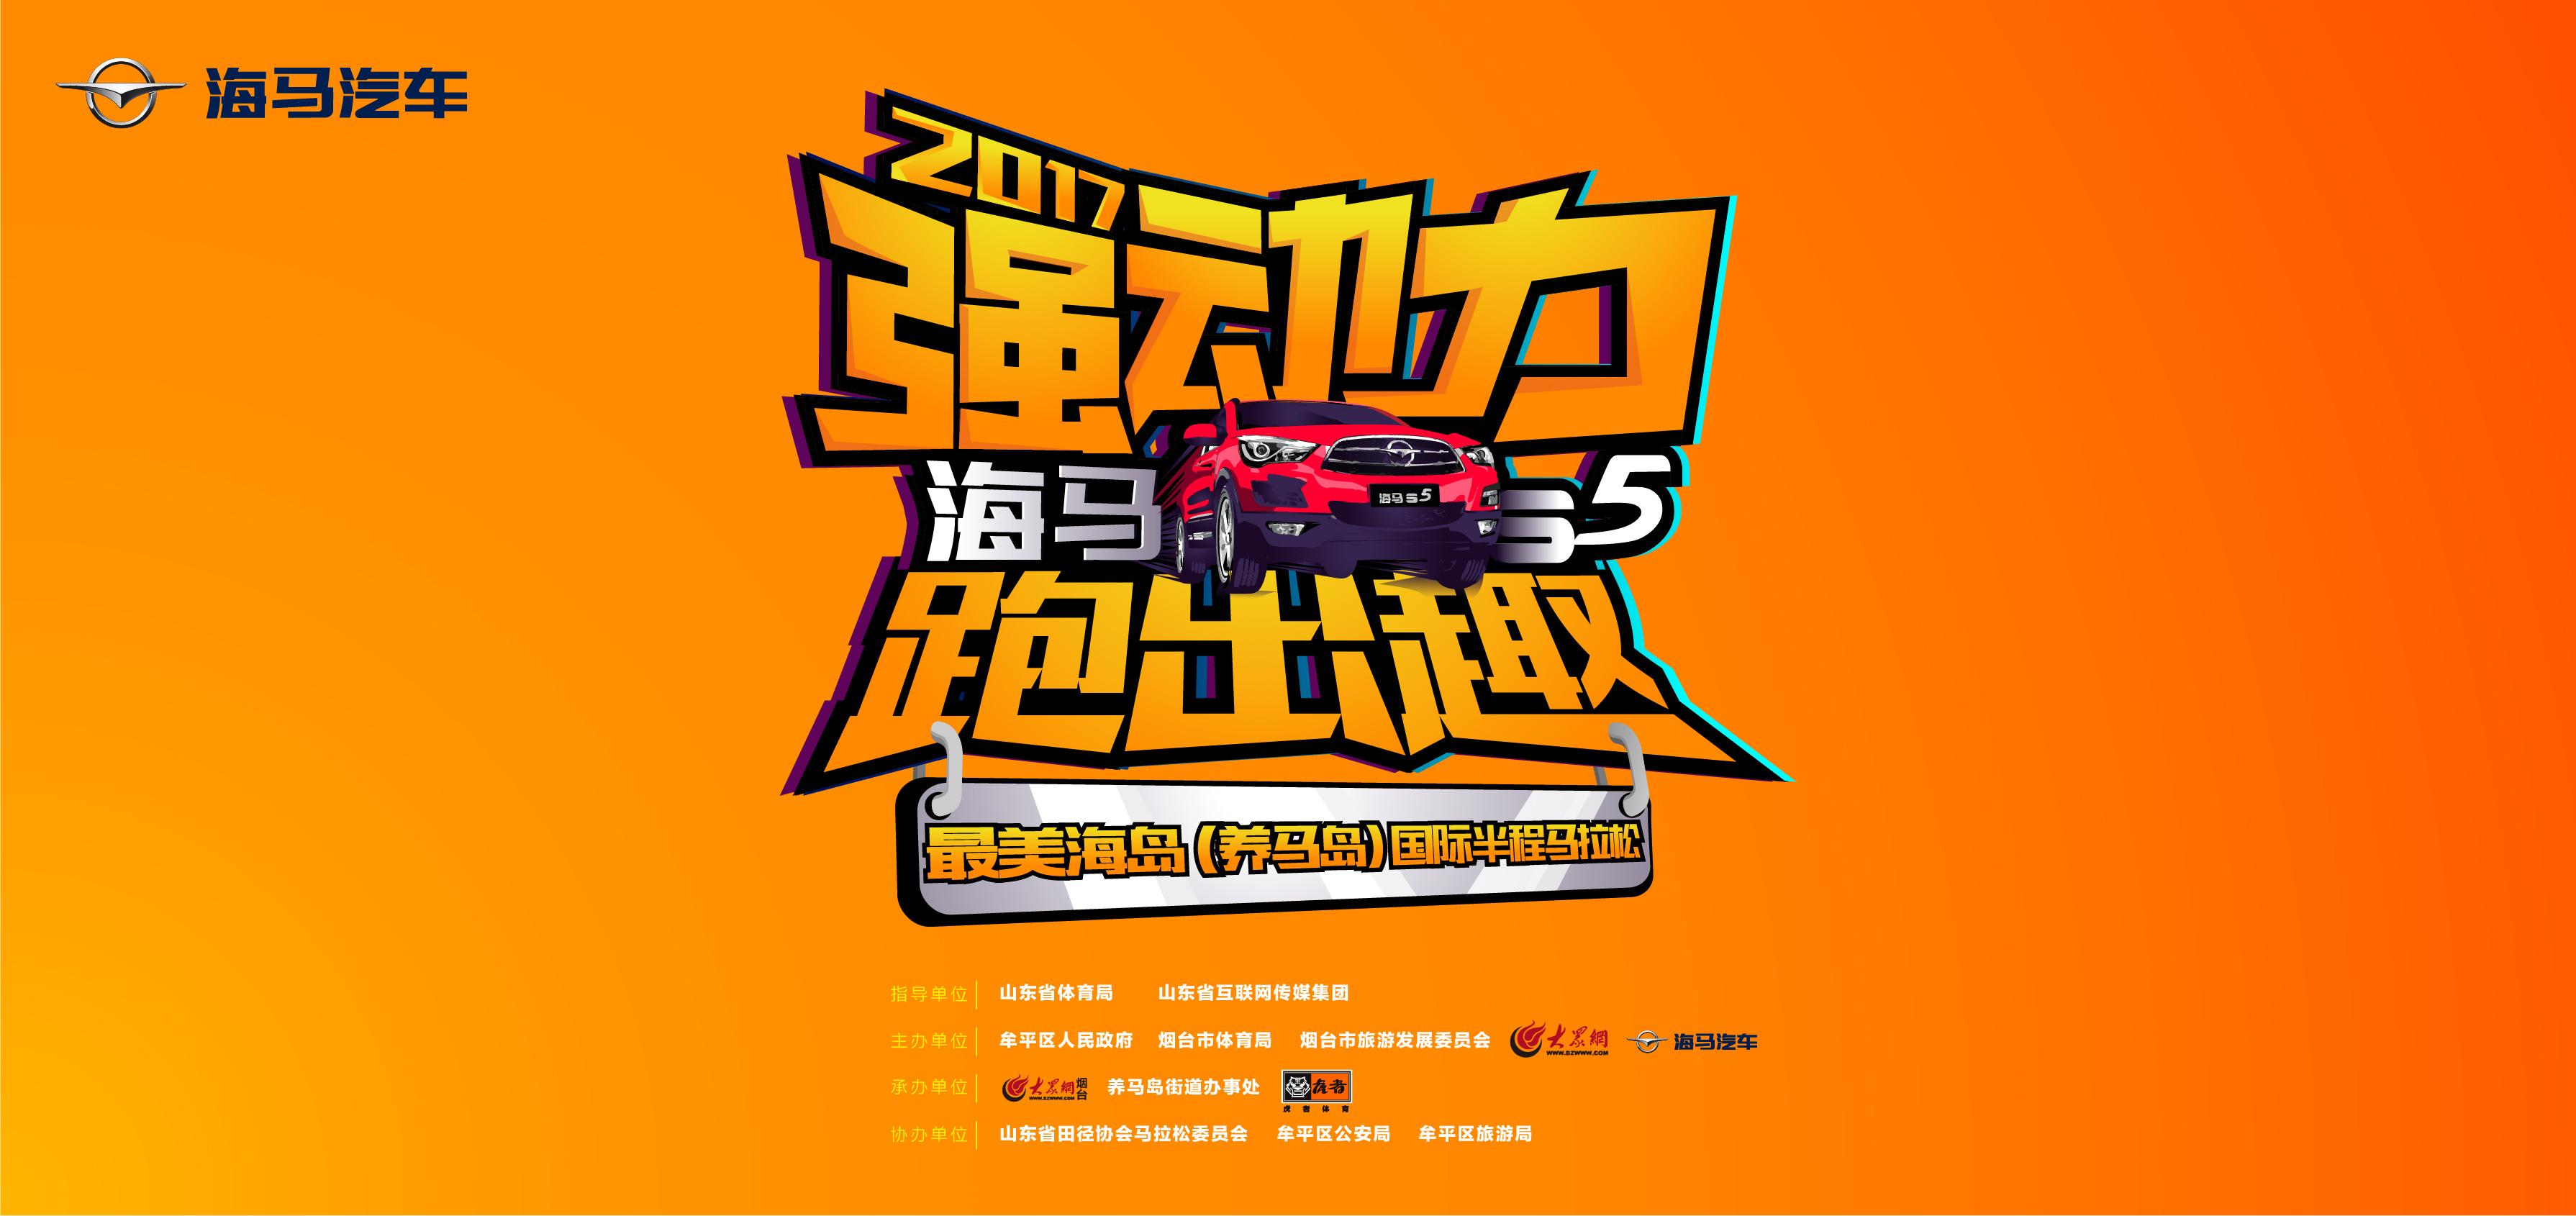 2017海马汽车最美海岛(养马岛)国际半程马拉松赛